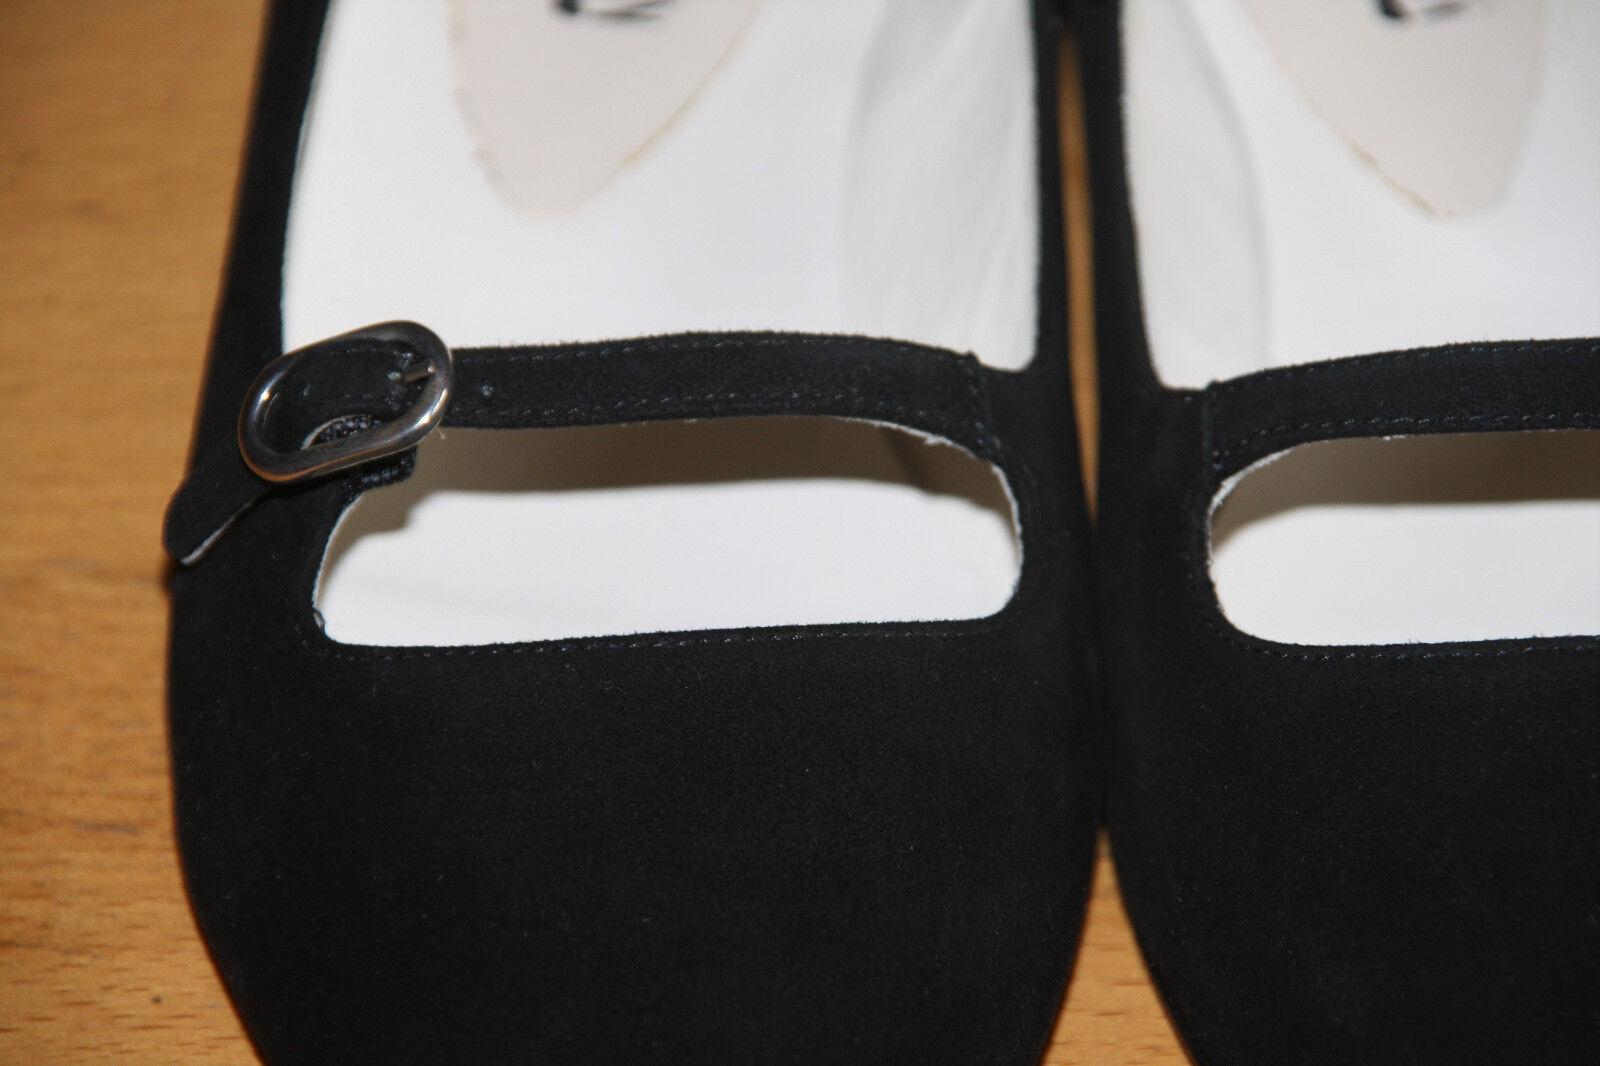 Spitzer Velour-Leder, Ballerina der Marke Caiman in schwarzem Velour-Leder, Spitzer Gr. 39  NEU 0411ef